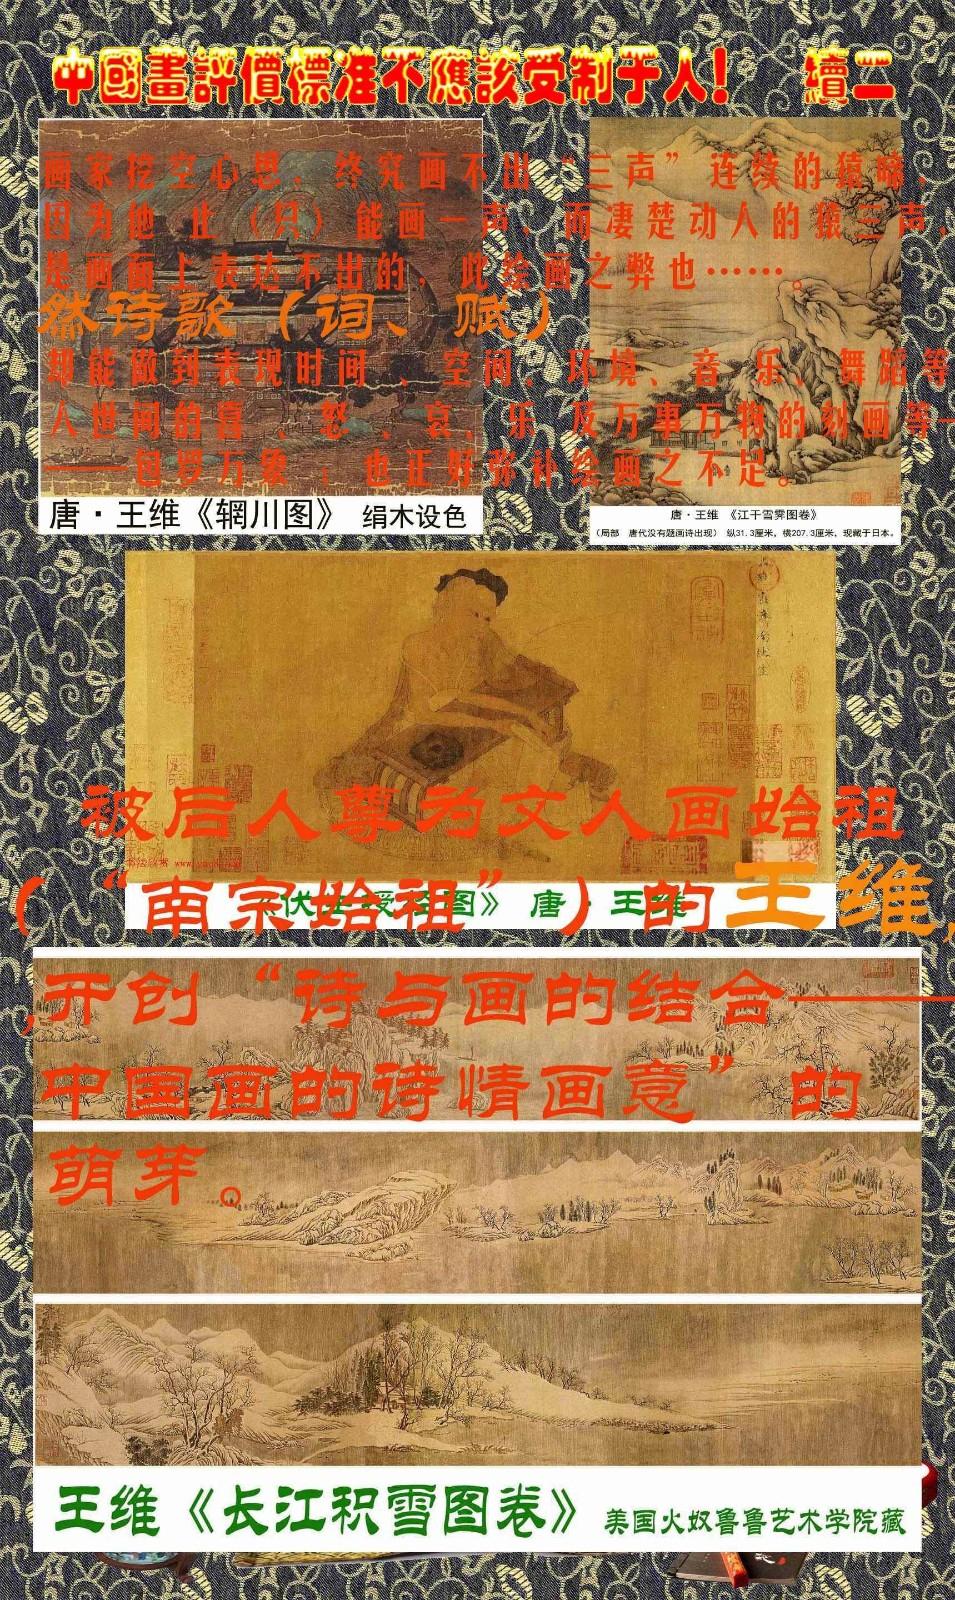 中国画评价标准不应该受制于人!  续二_图1-4